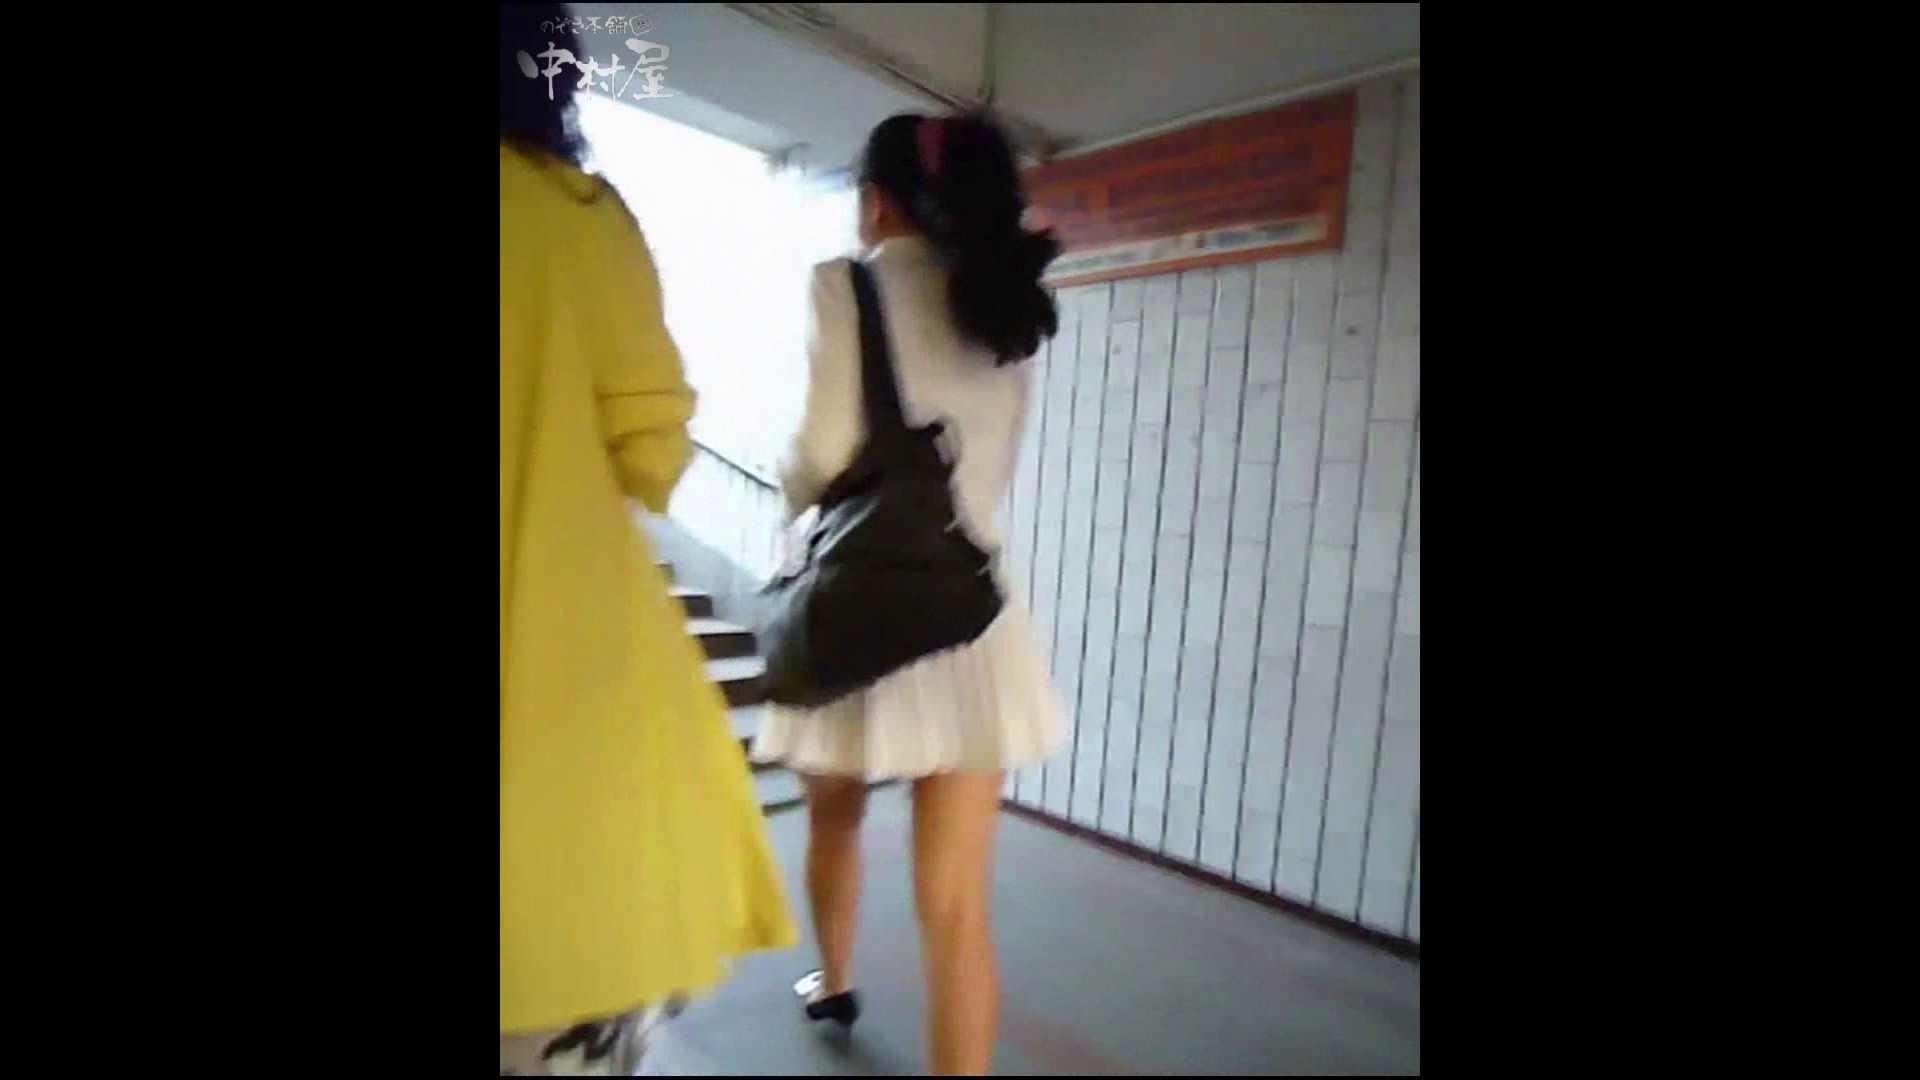 綺麗なモデルさんのスカート捲っちゃおう‼ vol26 お姉さん丸裸  80pic 39